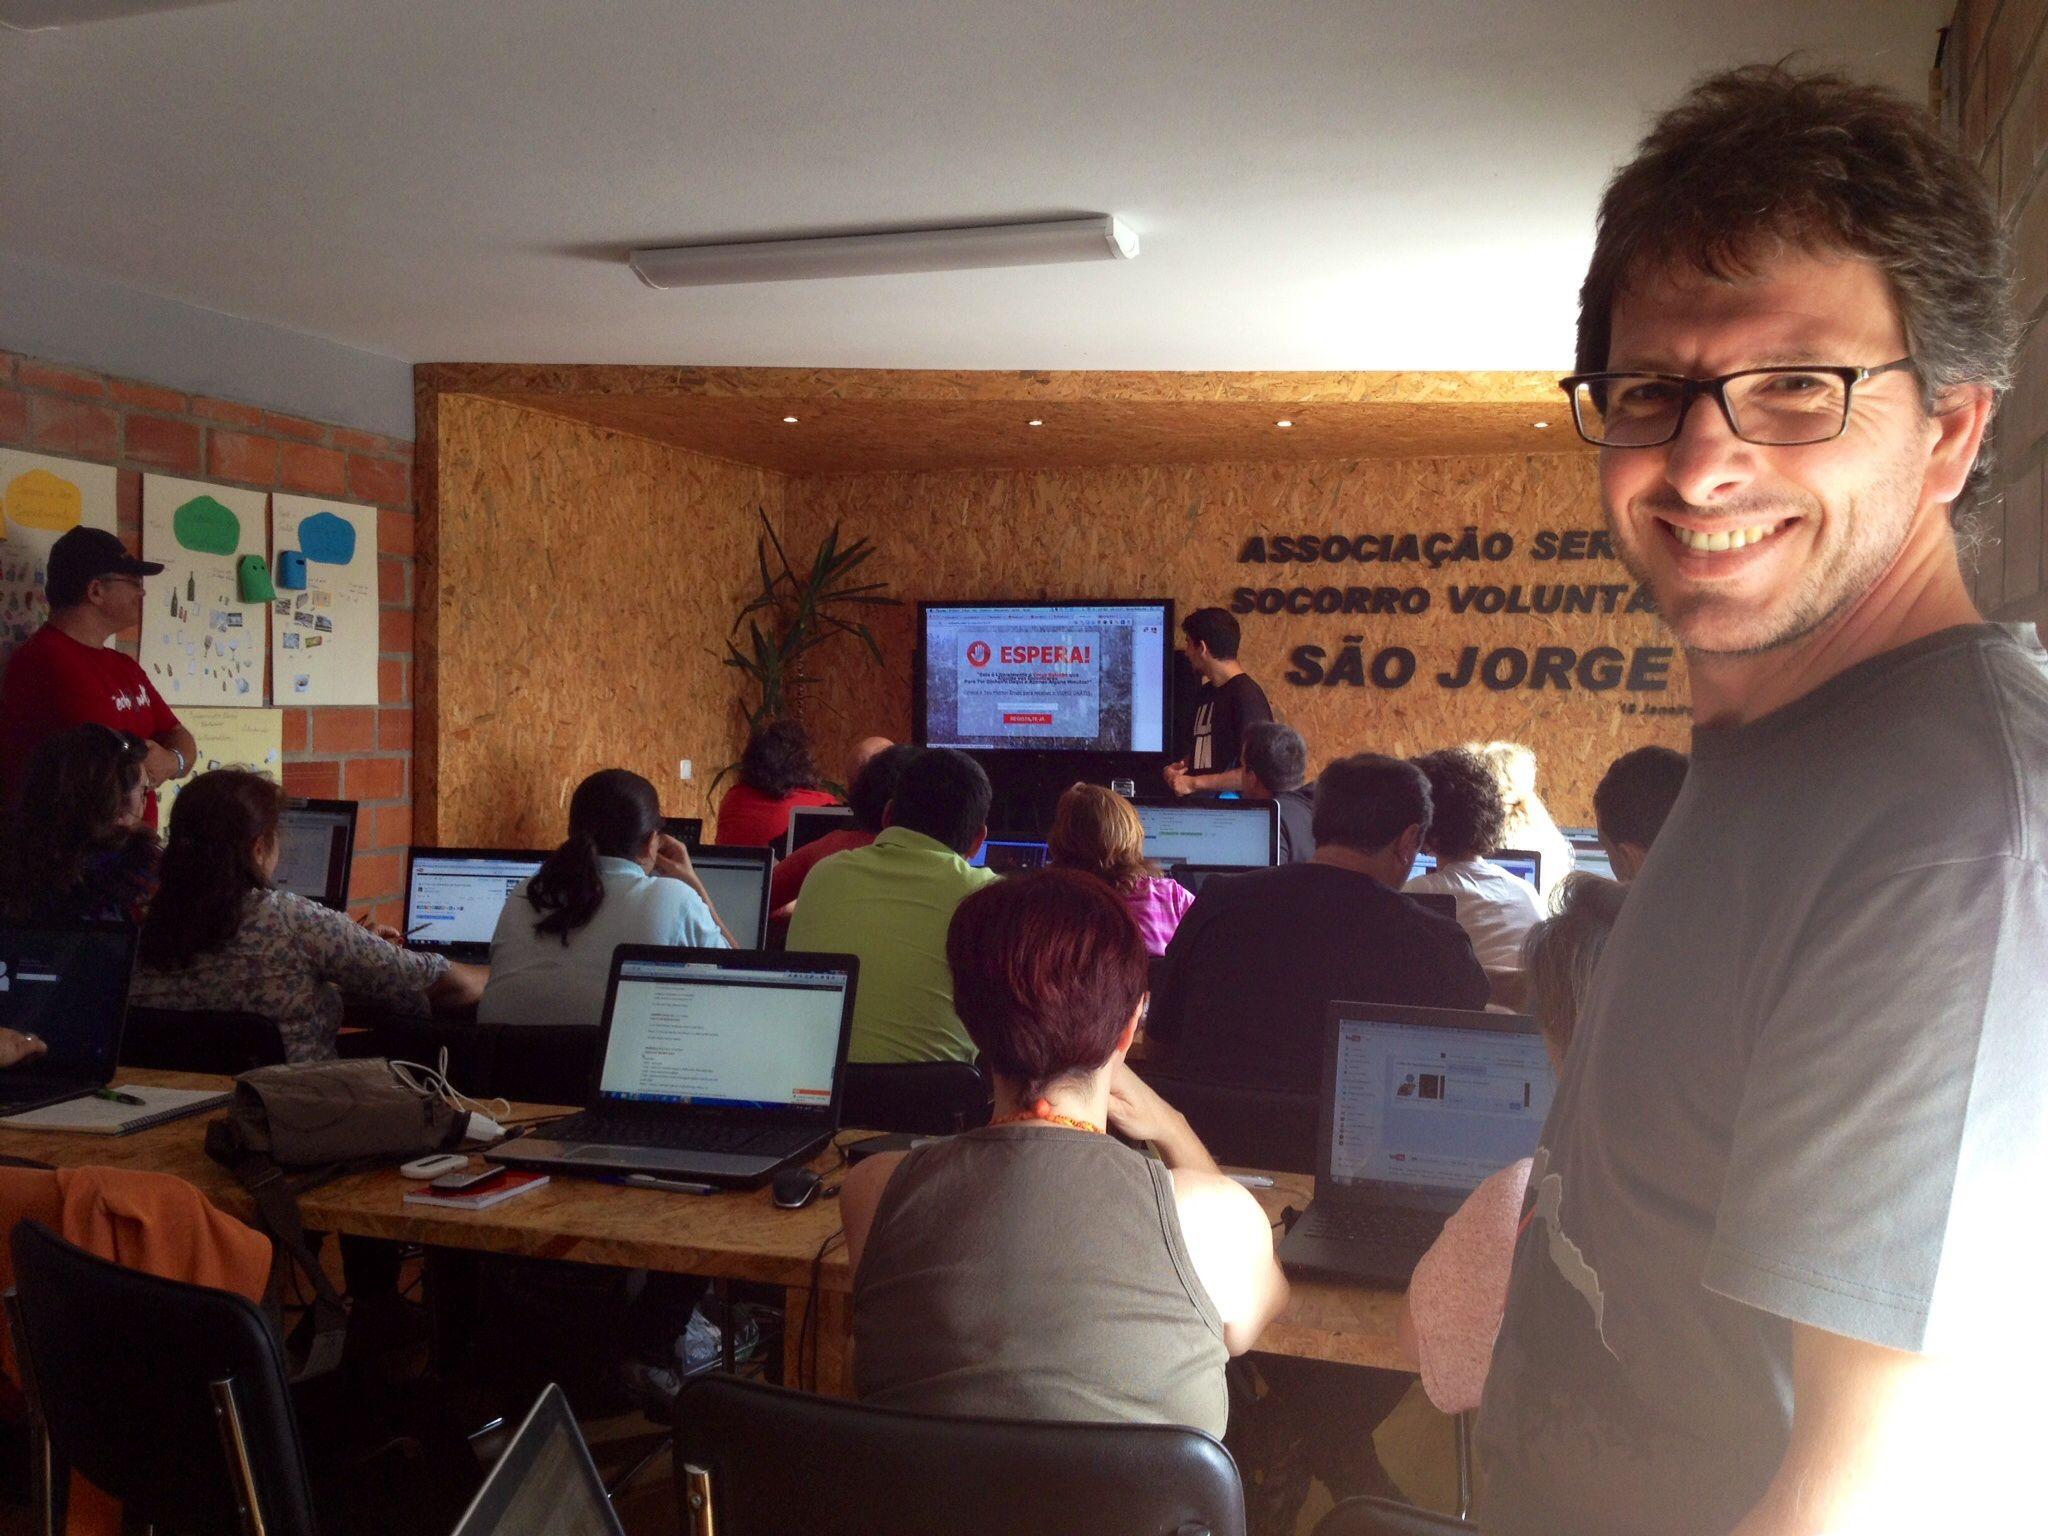 Formação 5 estrelas sobre página de captura personalizadas.... http://www.blog.viveavidaquemereces.com/blog/insónias-um-dia-no-escritório-com-formação-offline